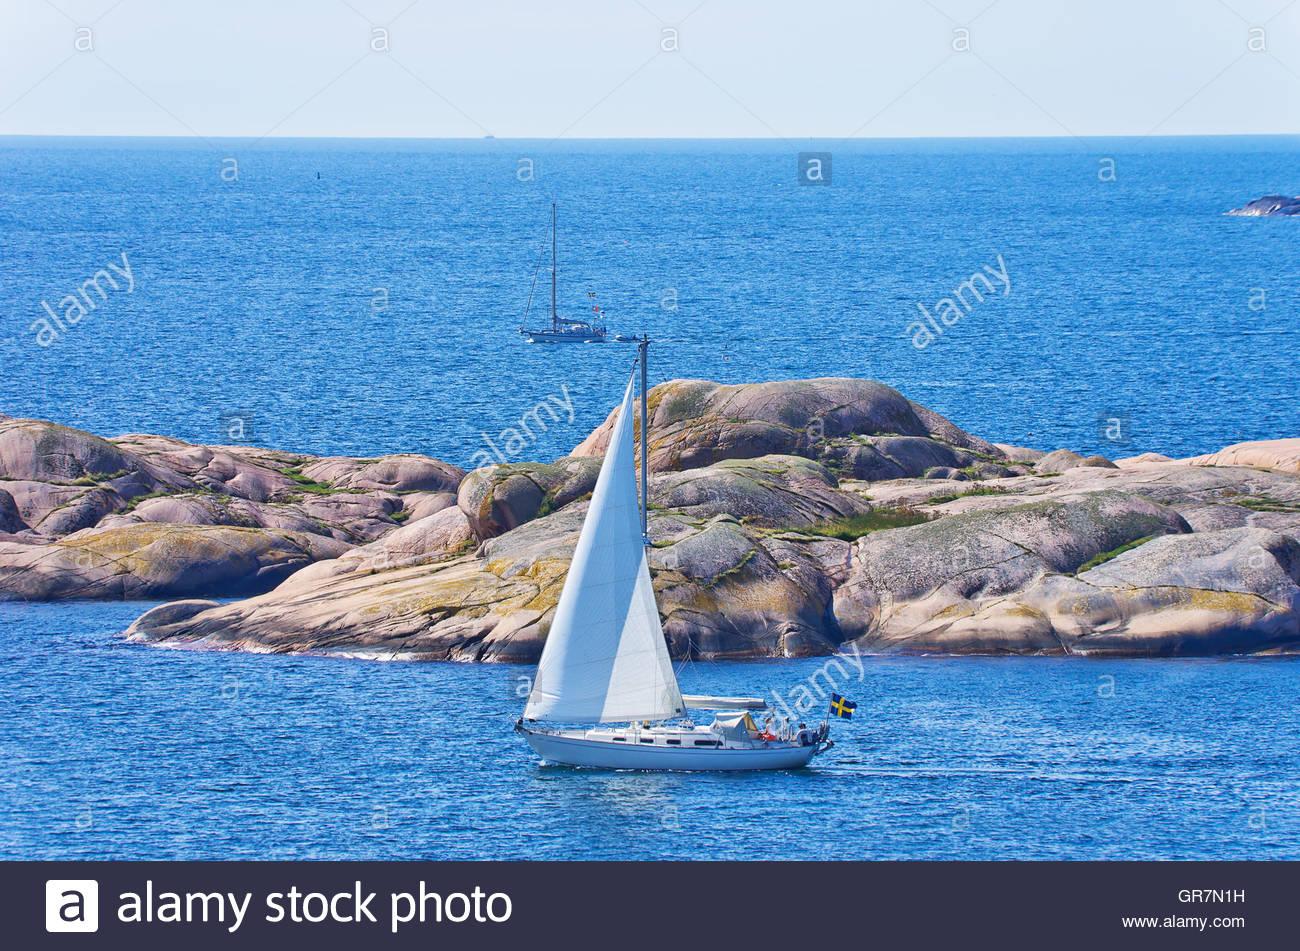 Ein Segelboot geht vorbei an einer Schäre vor der Küste von Lysekil, Bohuslan, Schweden. Stockbild